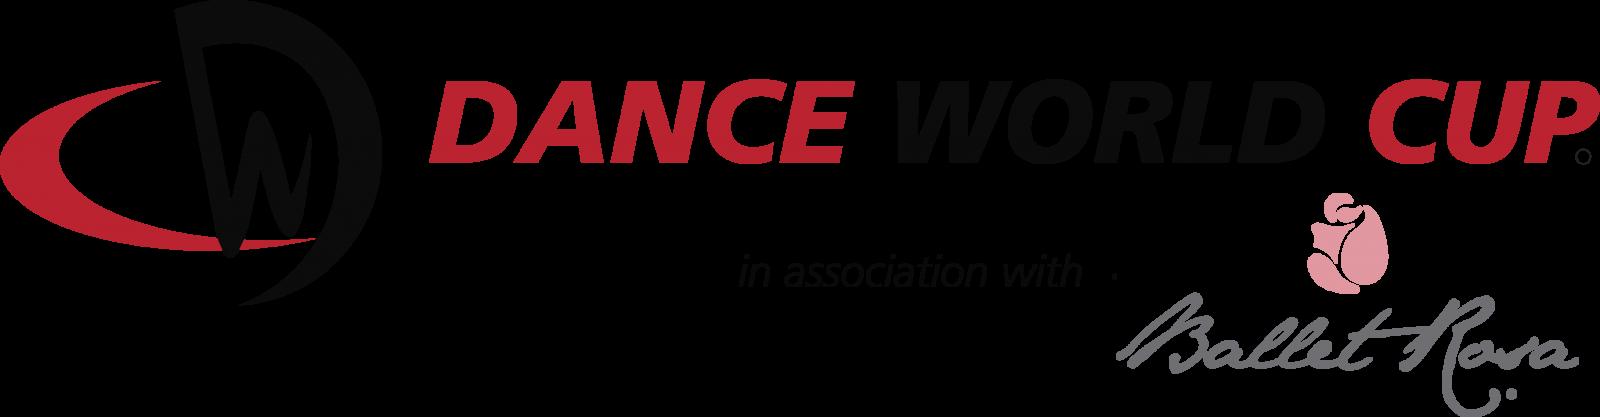 DWC Chairman Statement 2020 World Finals